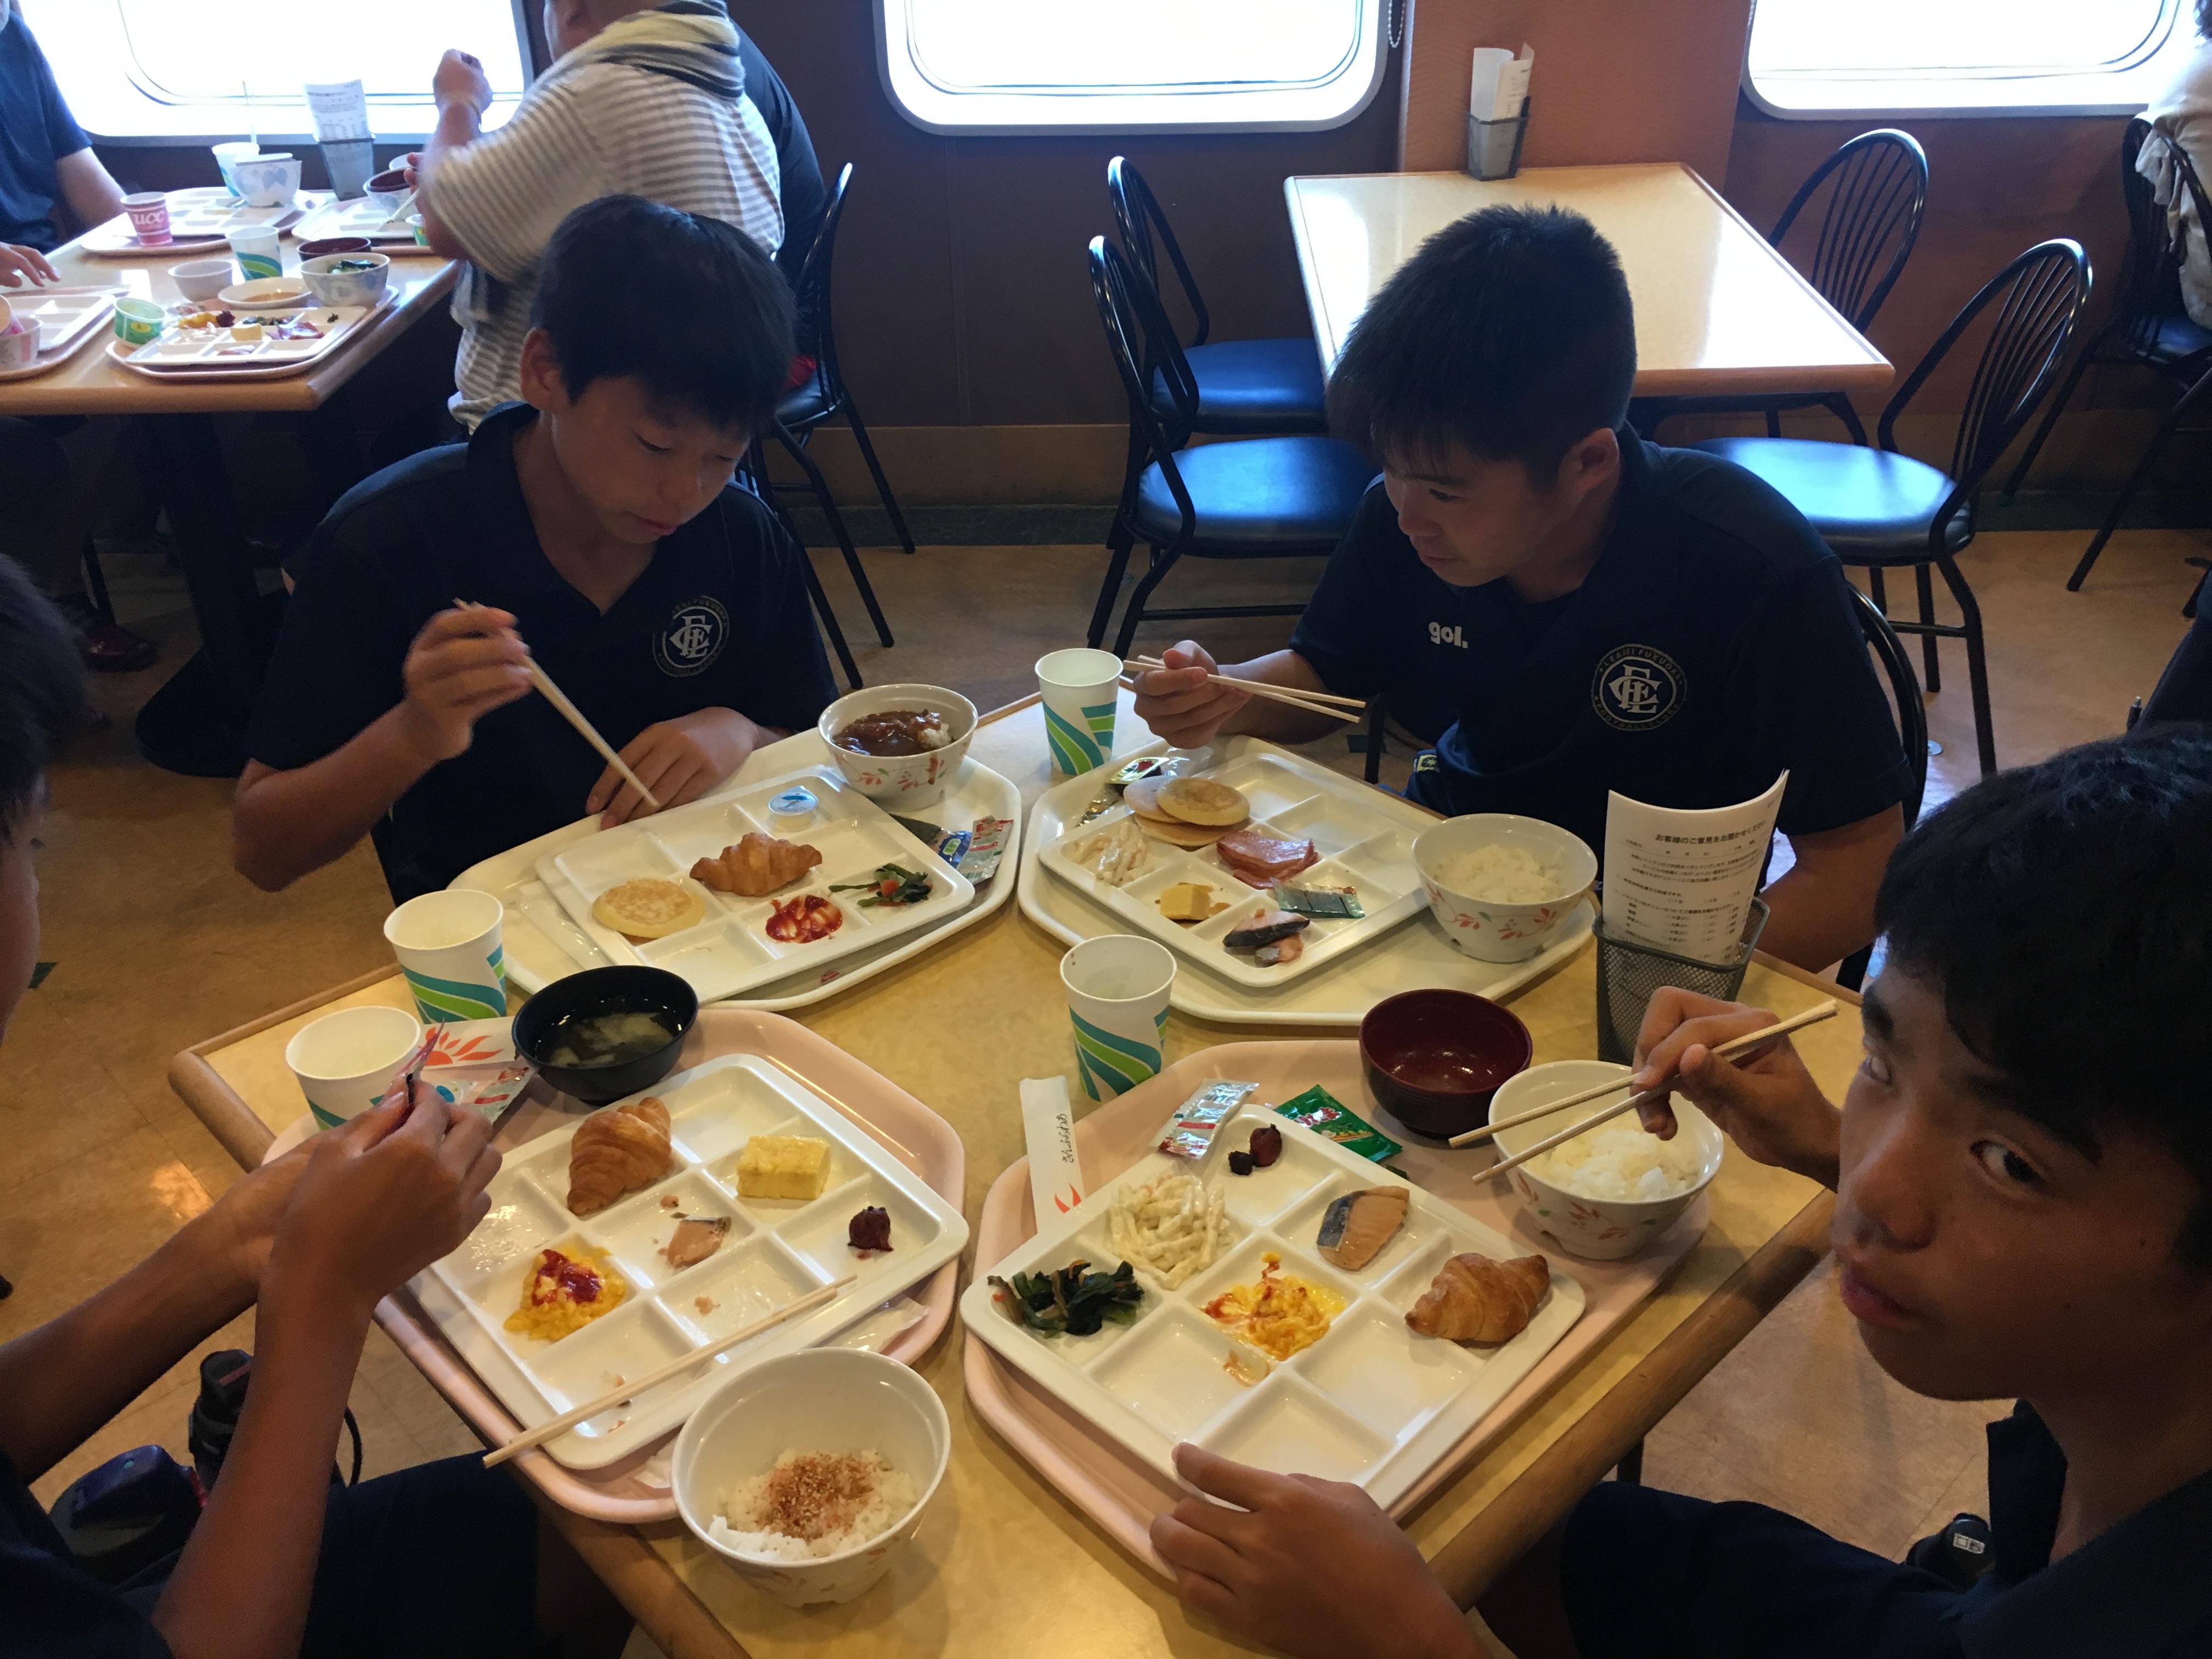 ジュニアユース U15 U14 大阪遠征 2日目 朝〜朝食編〜